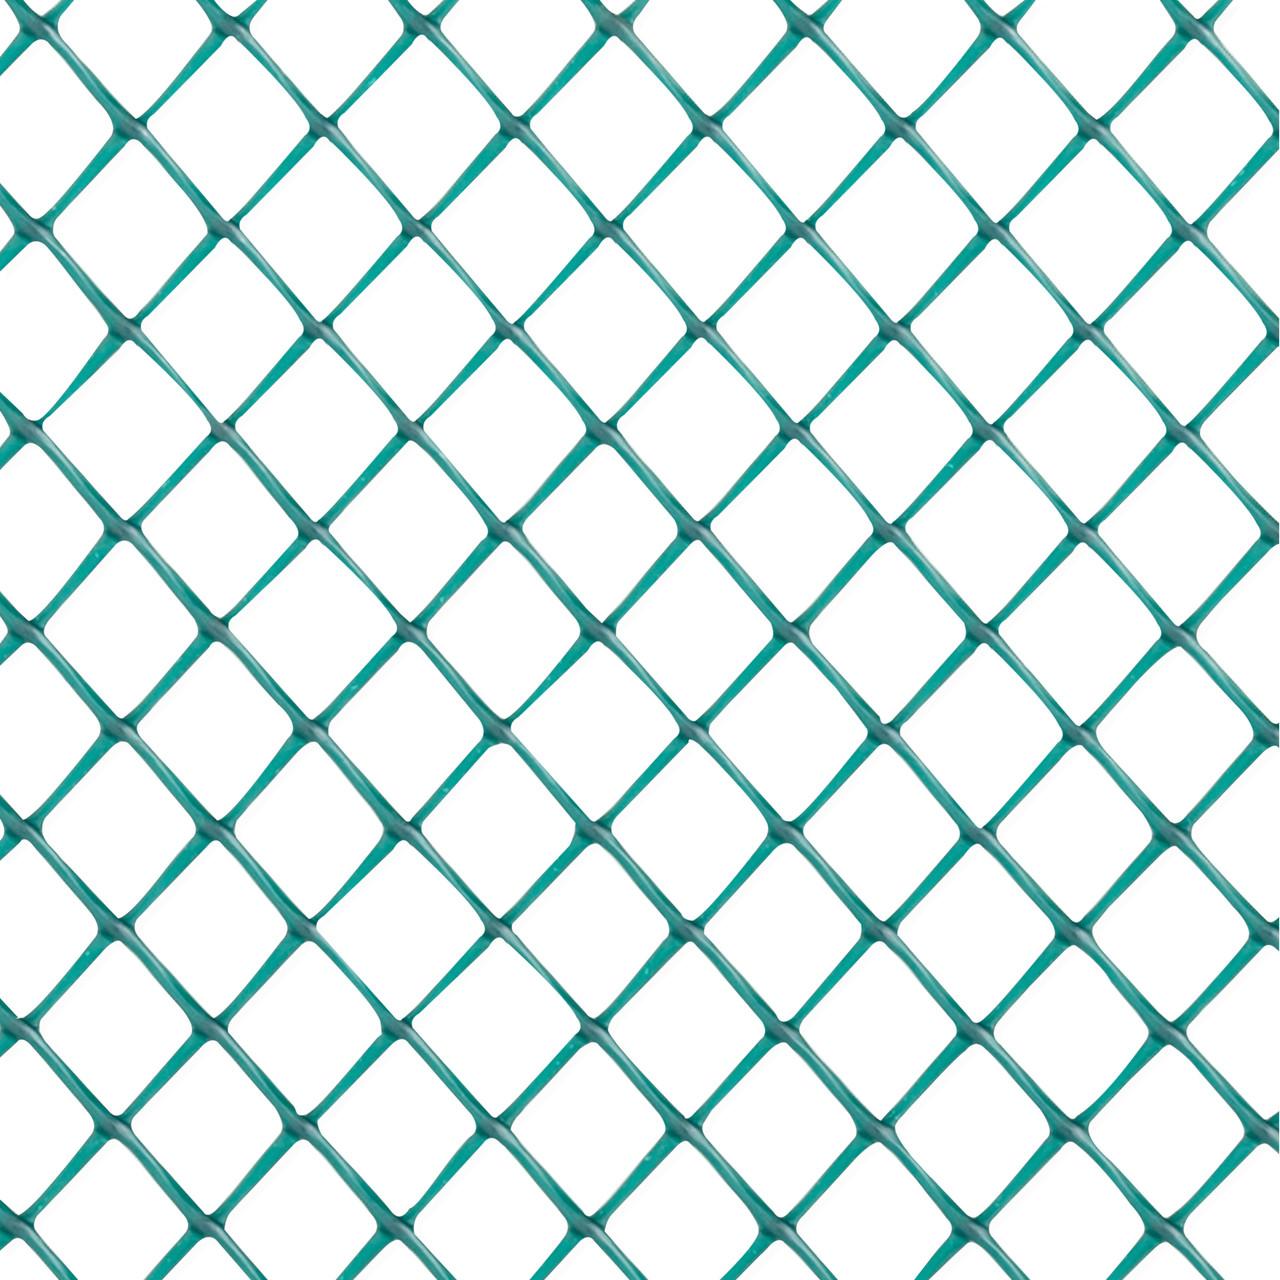 Green Diamond Plastic Poultry Netting 2 ft. x 25 ft. & 3/4\